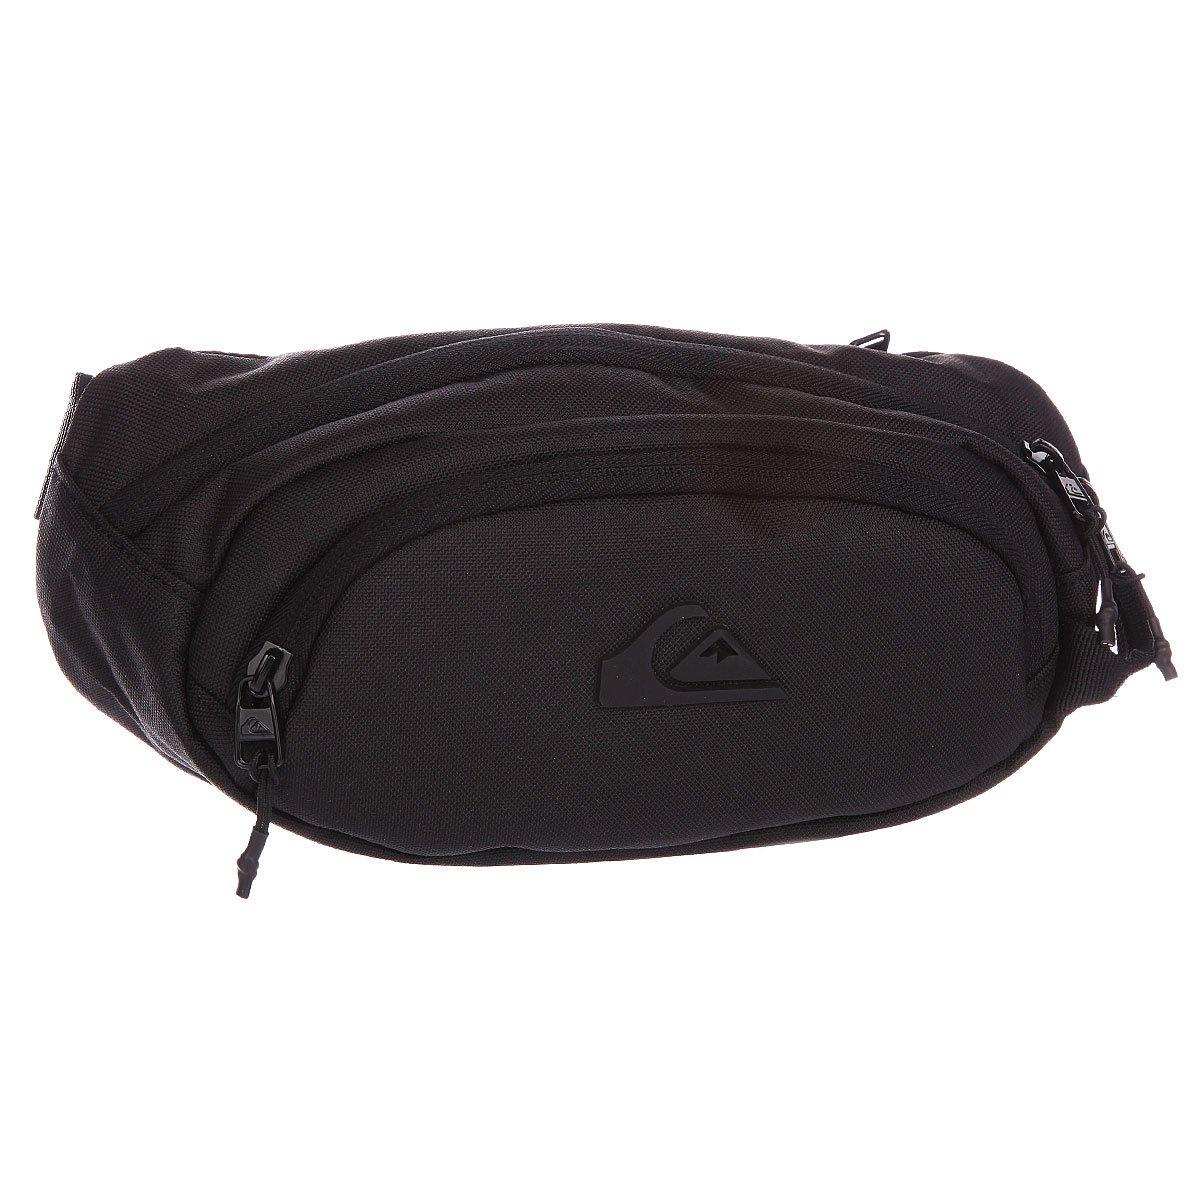 c1c6a5a1ac56 Купить сумку поясная Quiksilver Smuggler Wtpk Black (EQYBA03036-KVJ0 ...